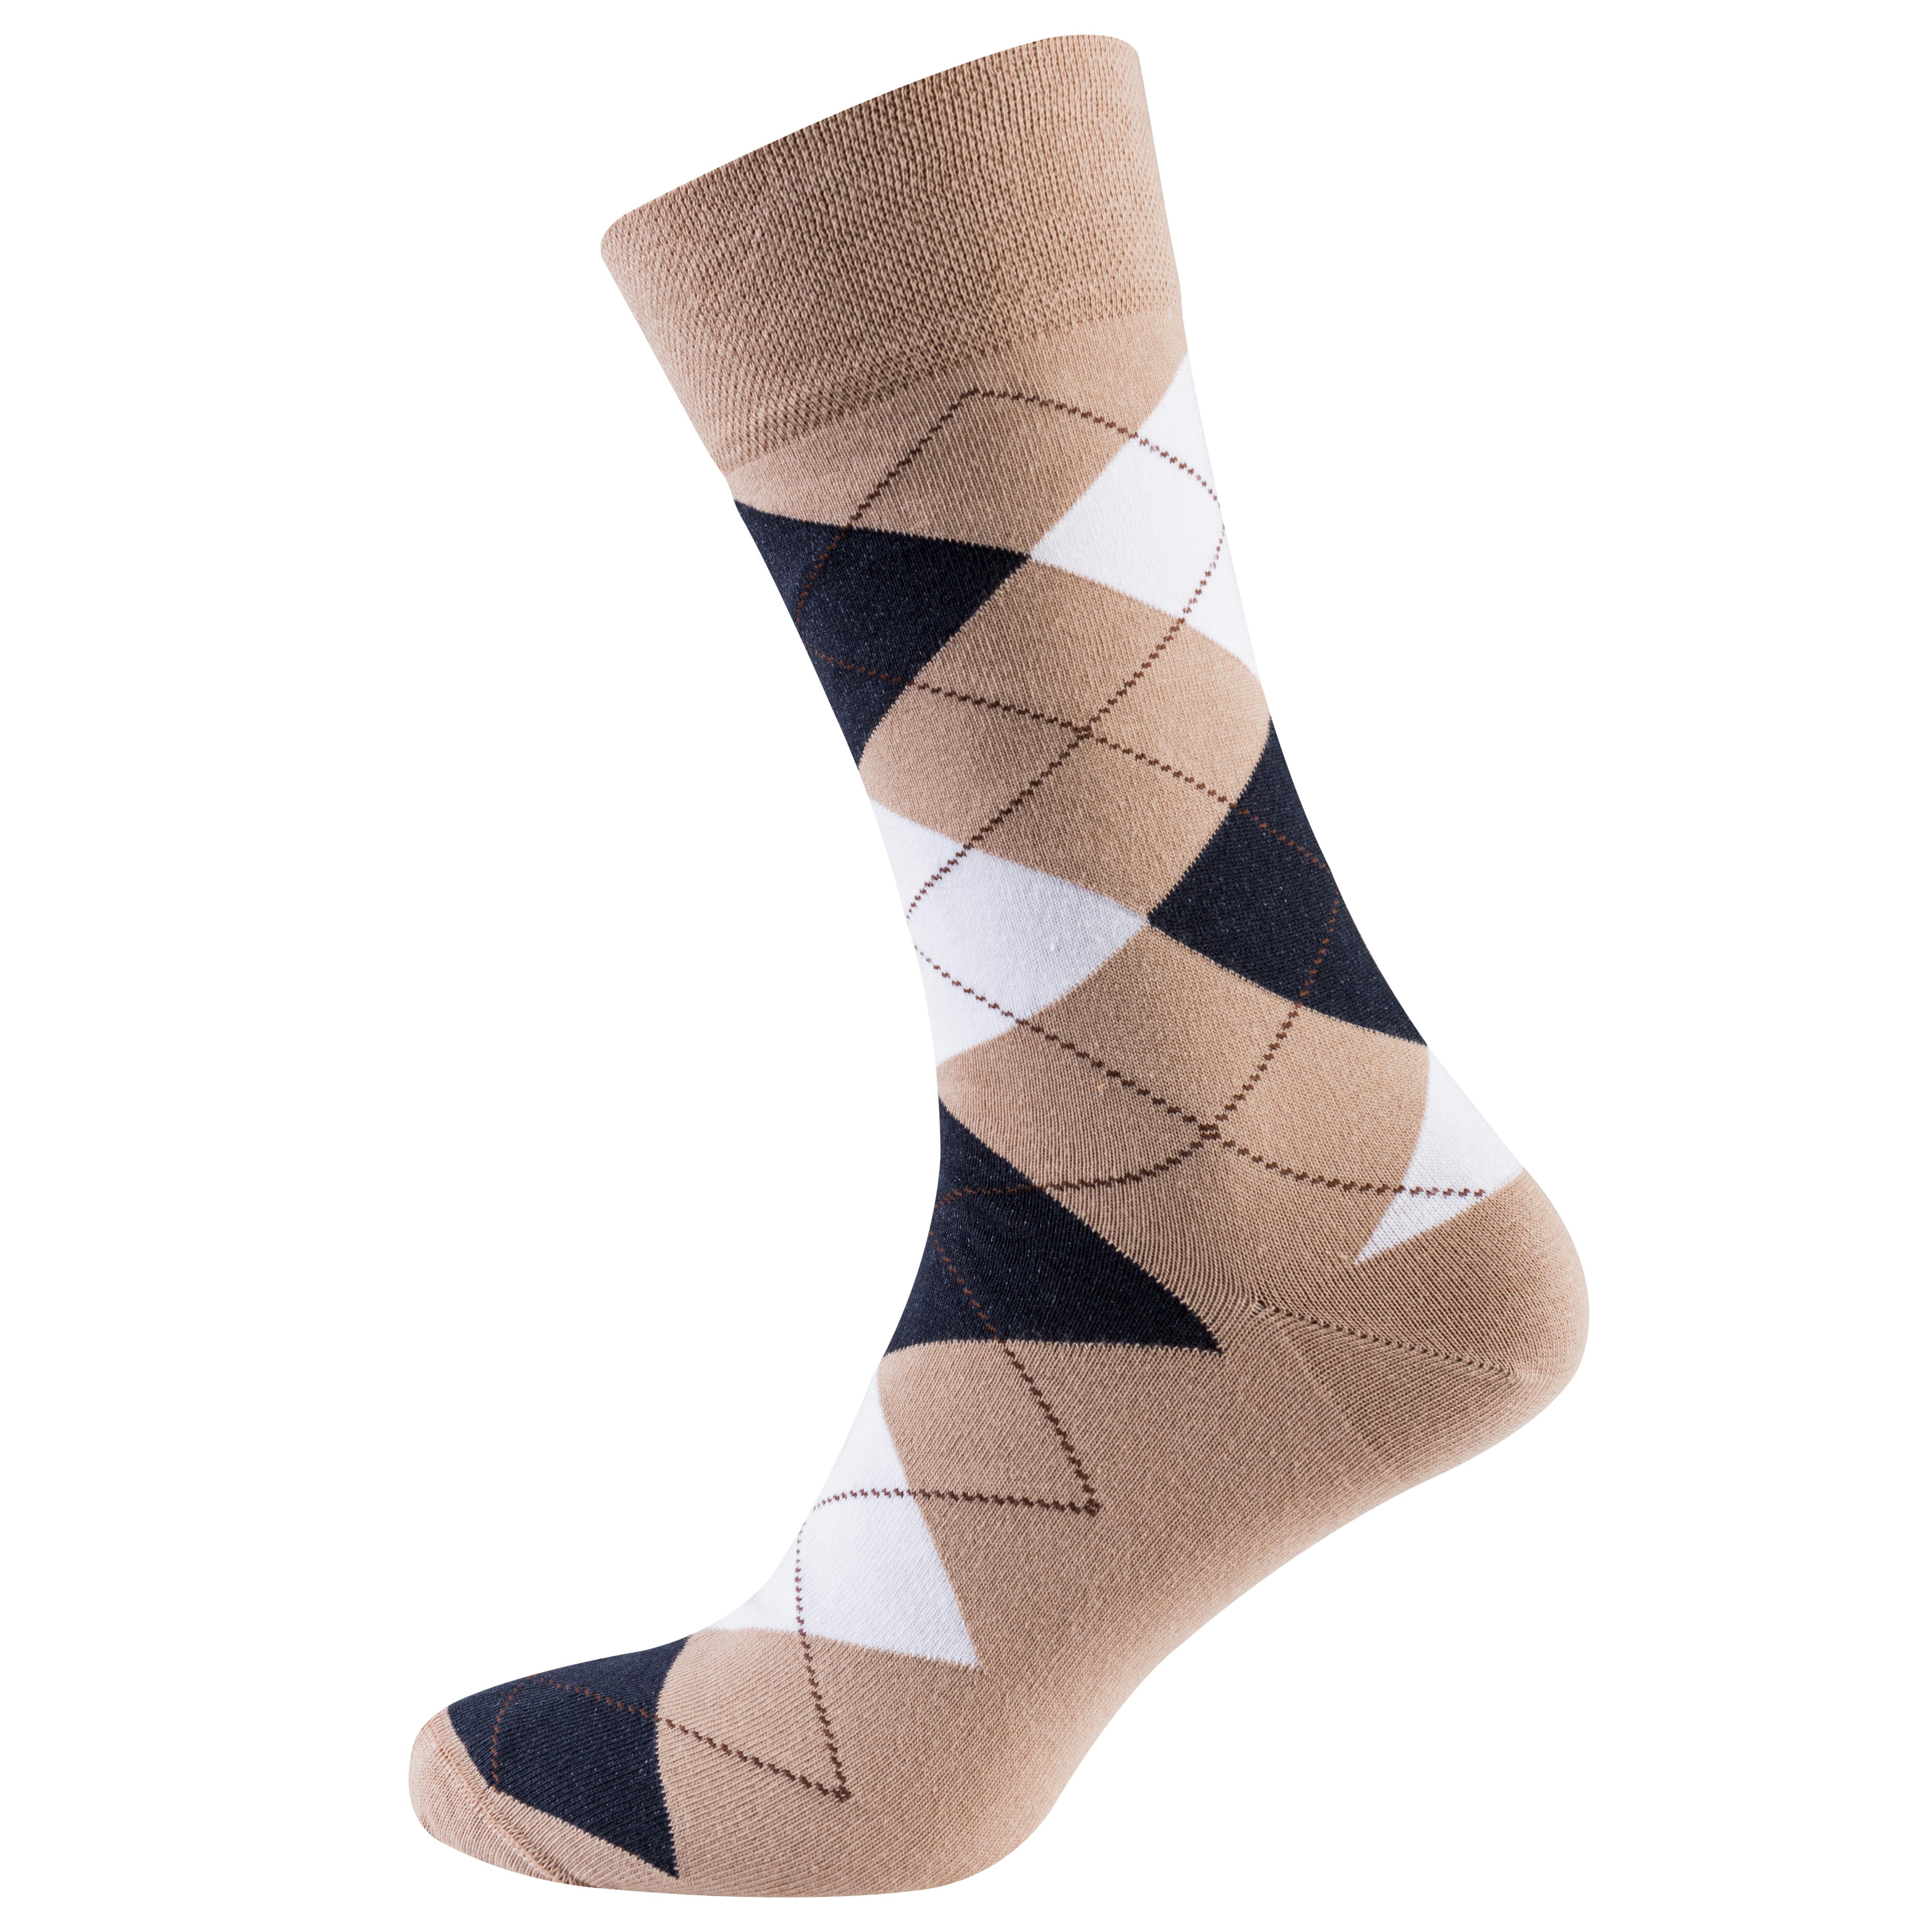 Носки мужские цветные из хлопка, чёрно-бежевый ромб MansSet